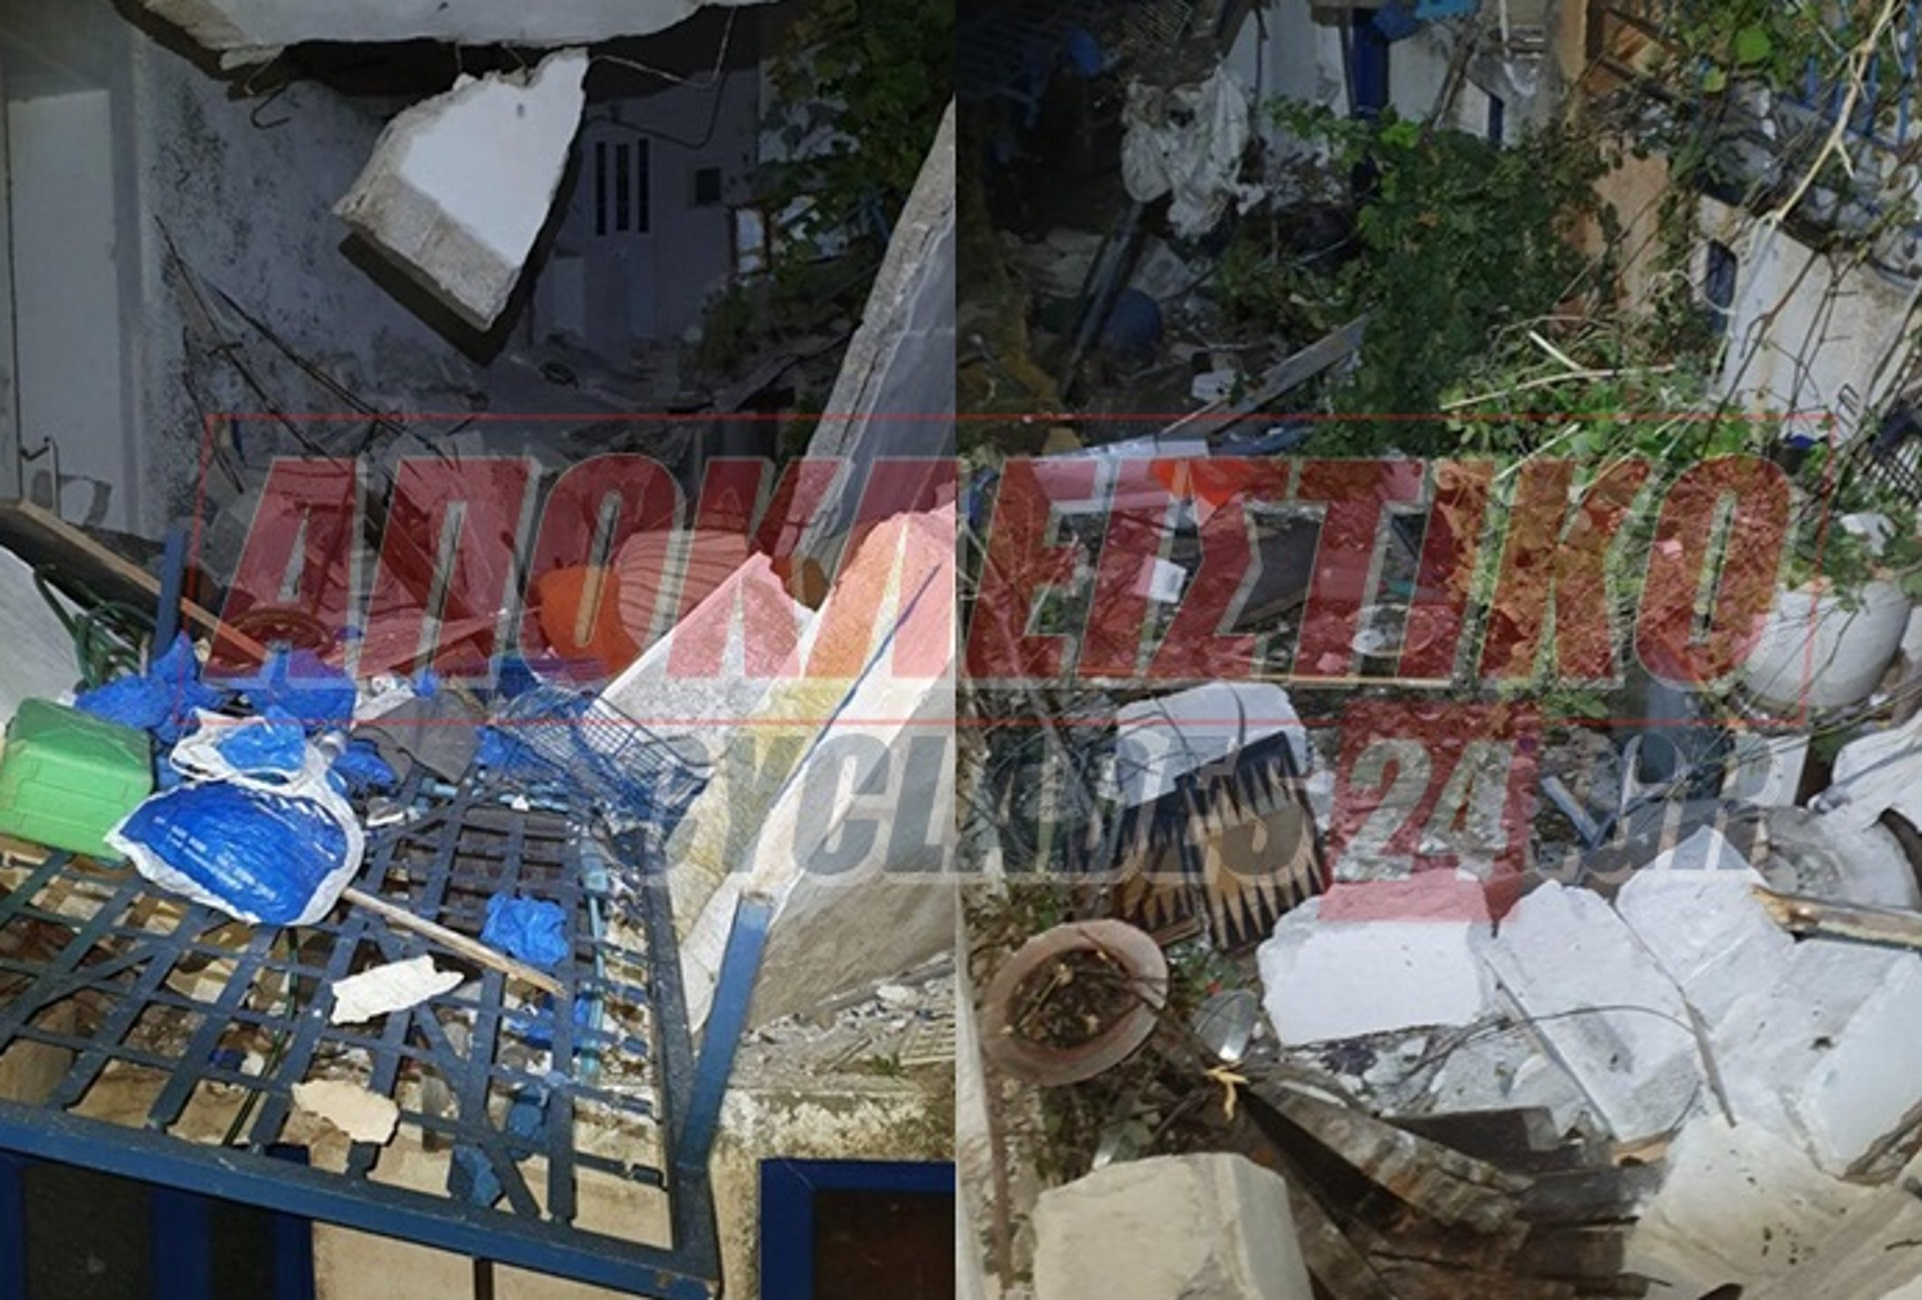 Νάξος: Διαλύθηκε σπίτι από ισχυρότατη έκρηξη! Σοβαρός τραυματισμός μετά τον πανικό (Βίντεο)